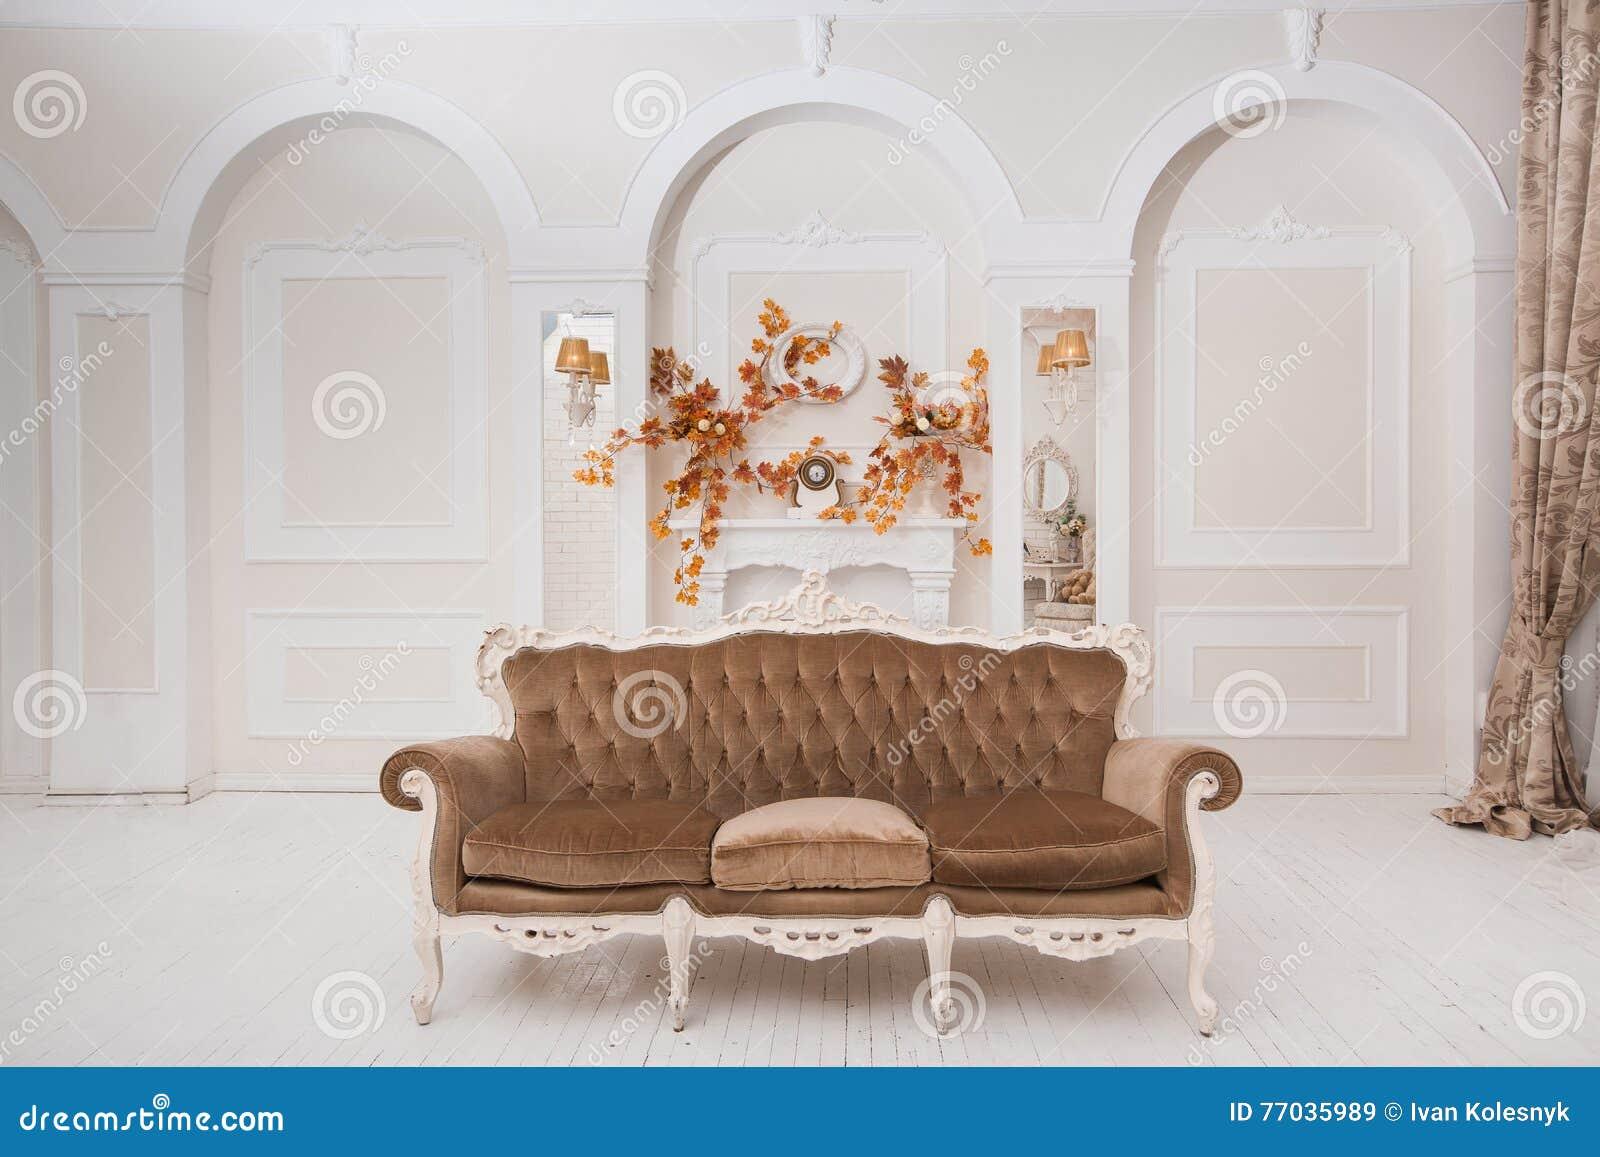 Spacious White Wedding Hall With Autumn Decoration Stock